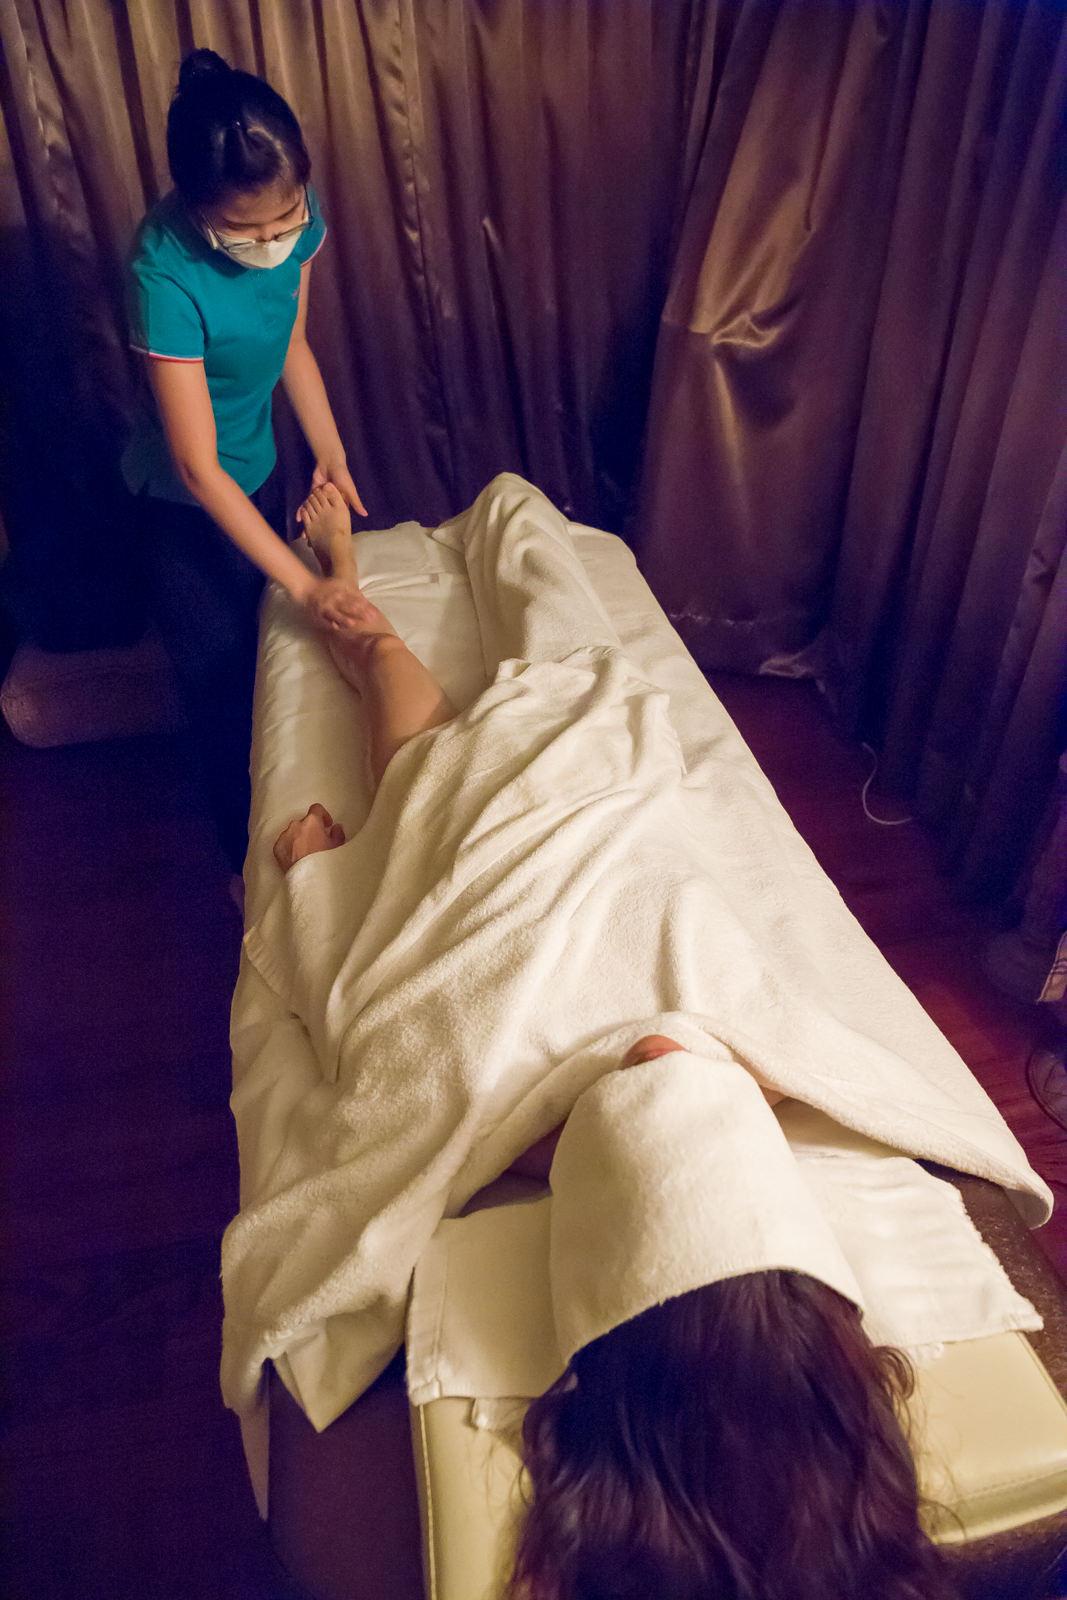 高雄spa【Tp&b天然有機精油芳療SPA 】女性最佳紓壓spa 客製化全身按摩 部落客【我是Joy,我在Enjoy】體驗推薦 -